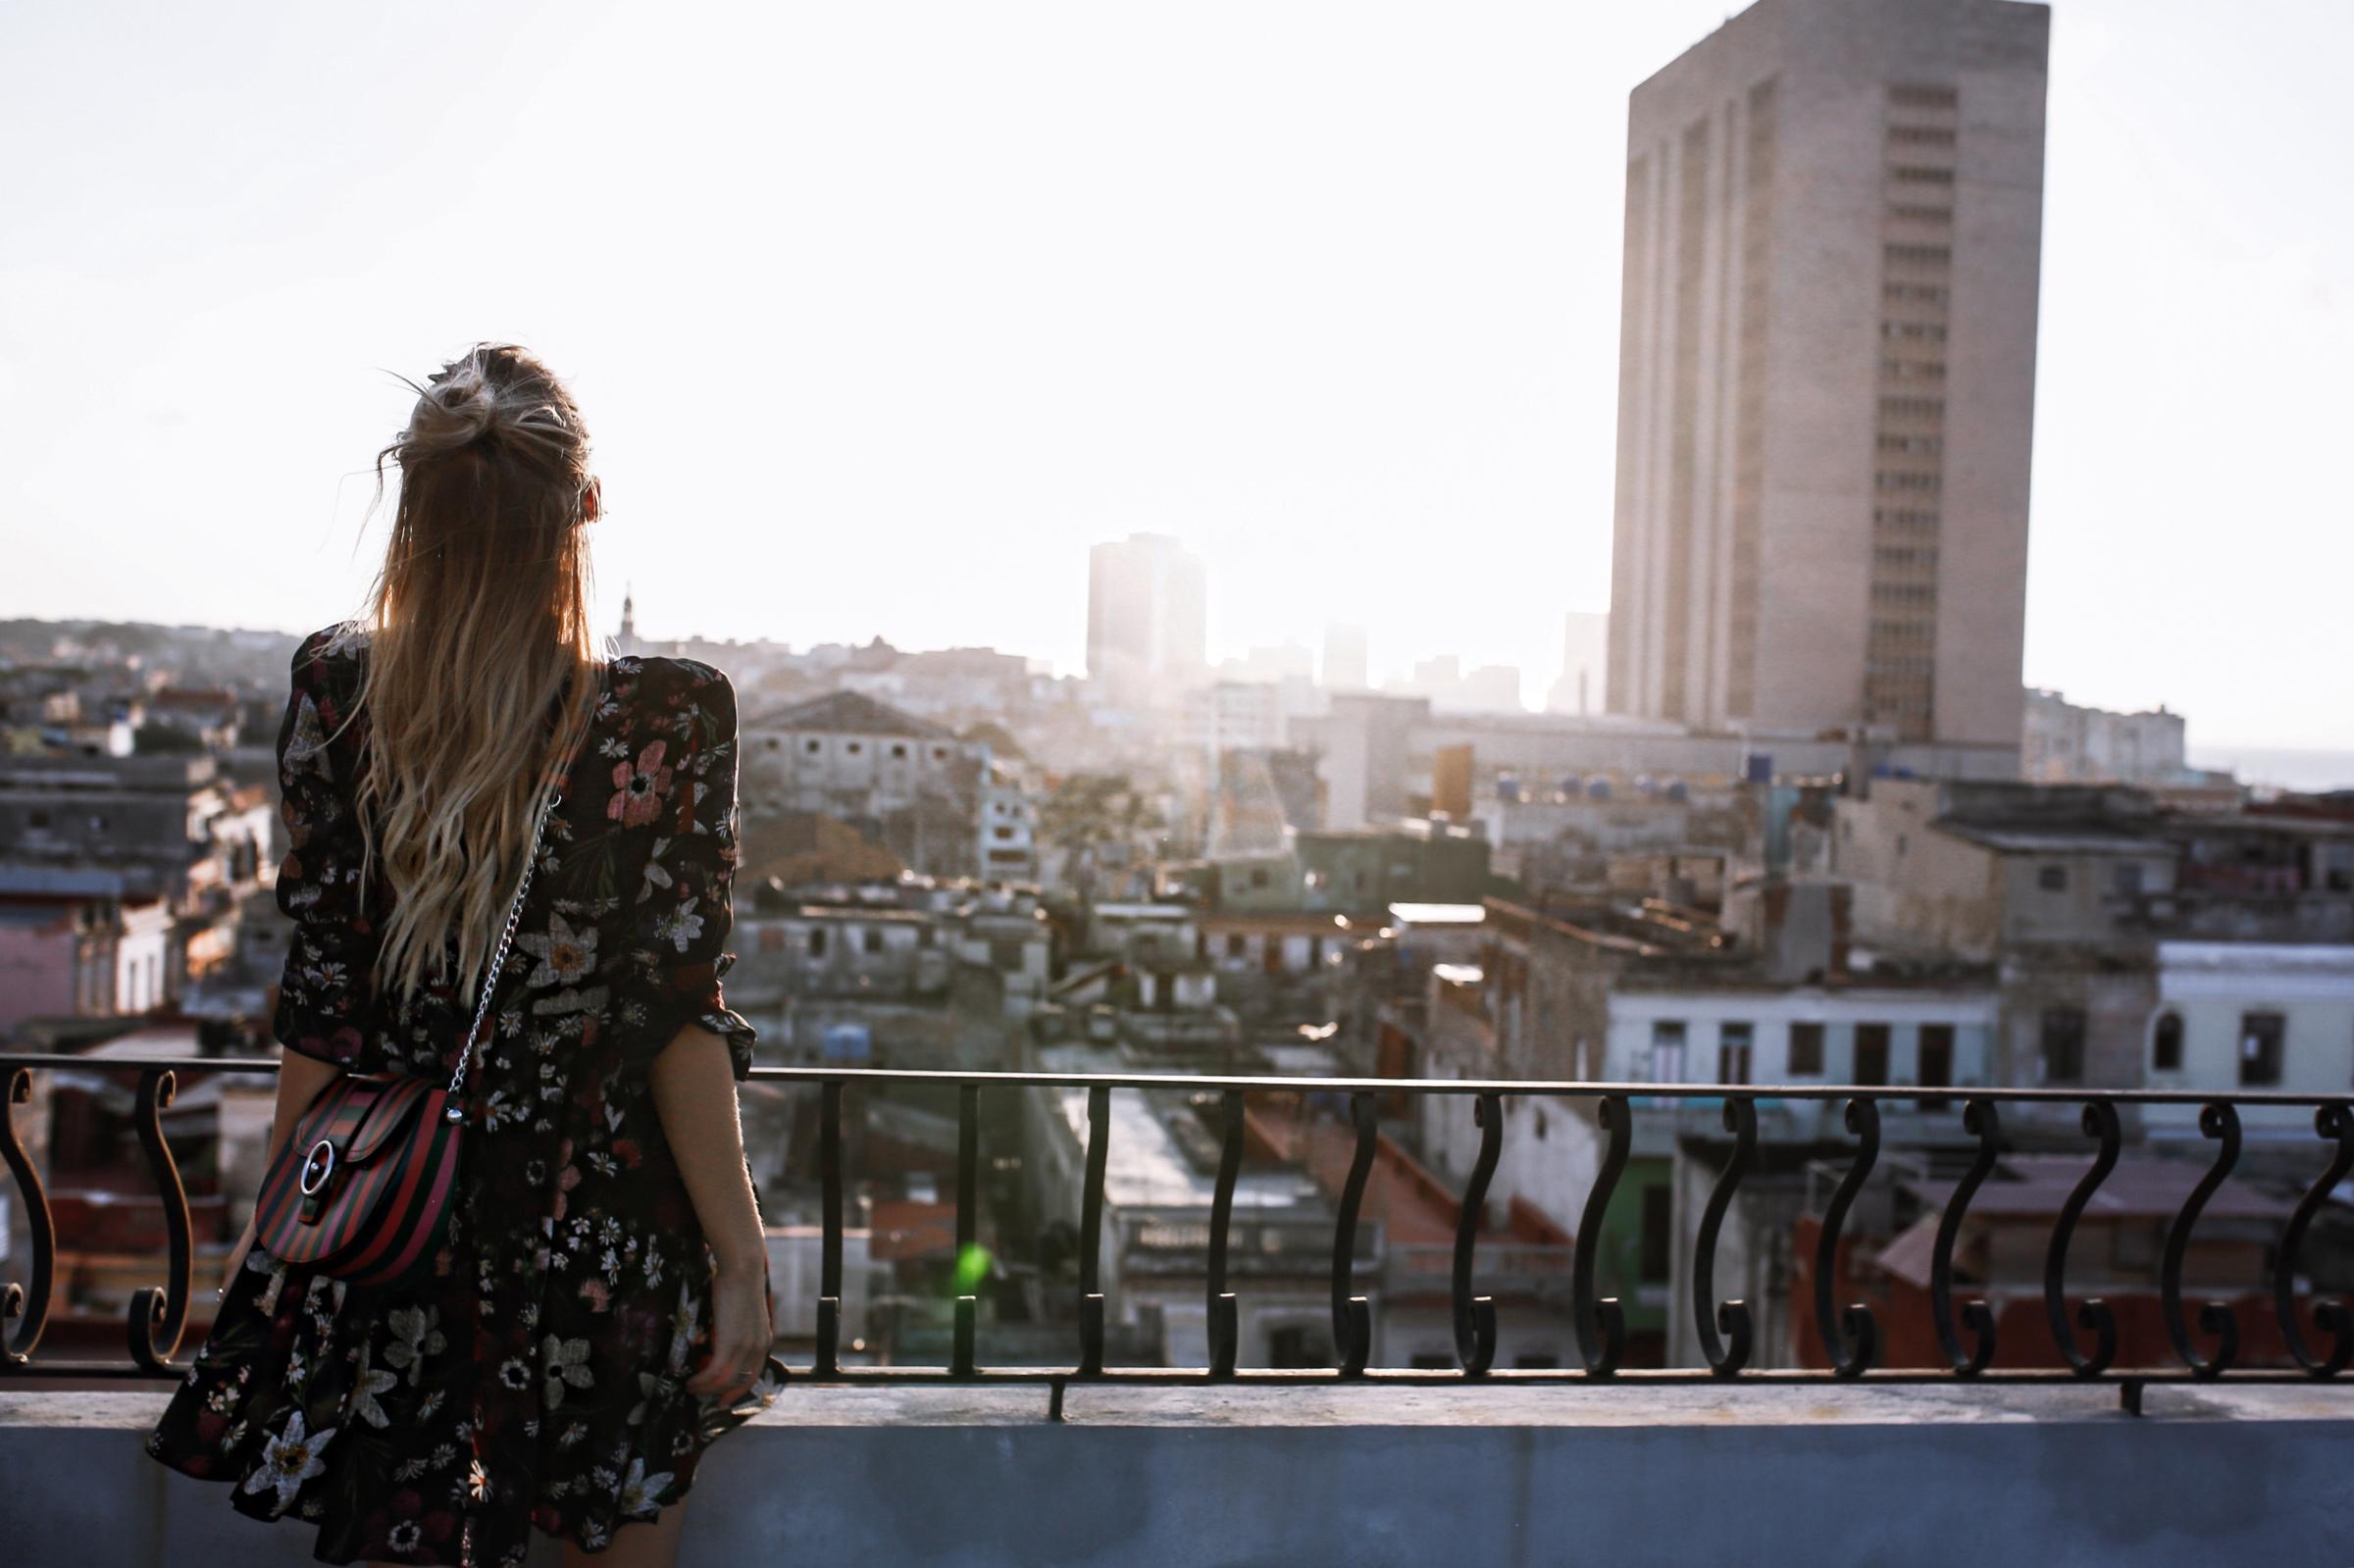 La Guarida | Havana, Cuba